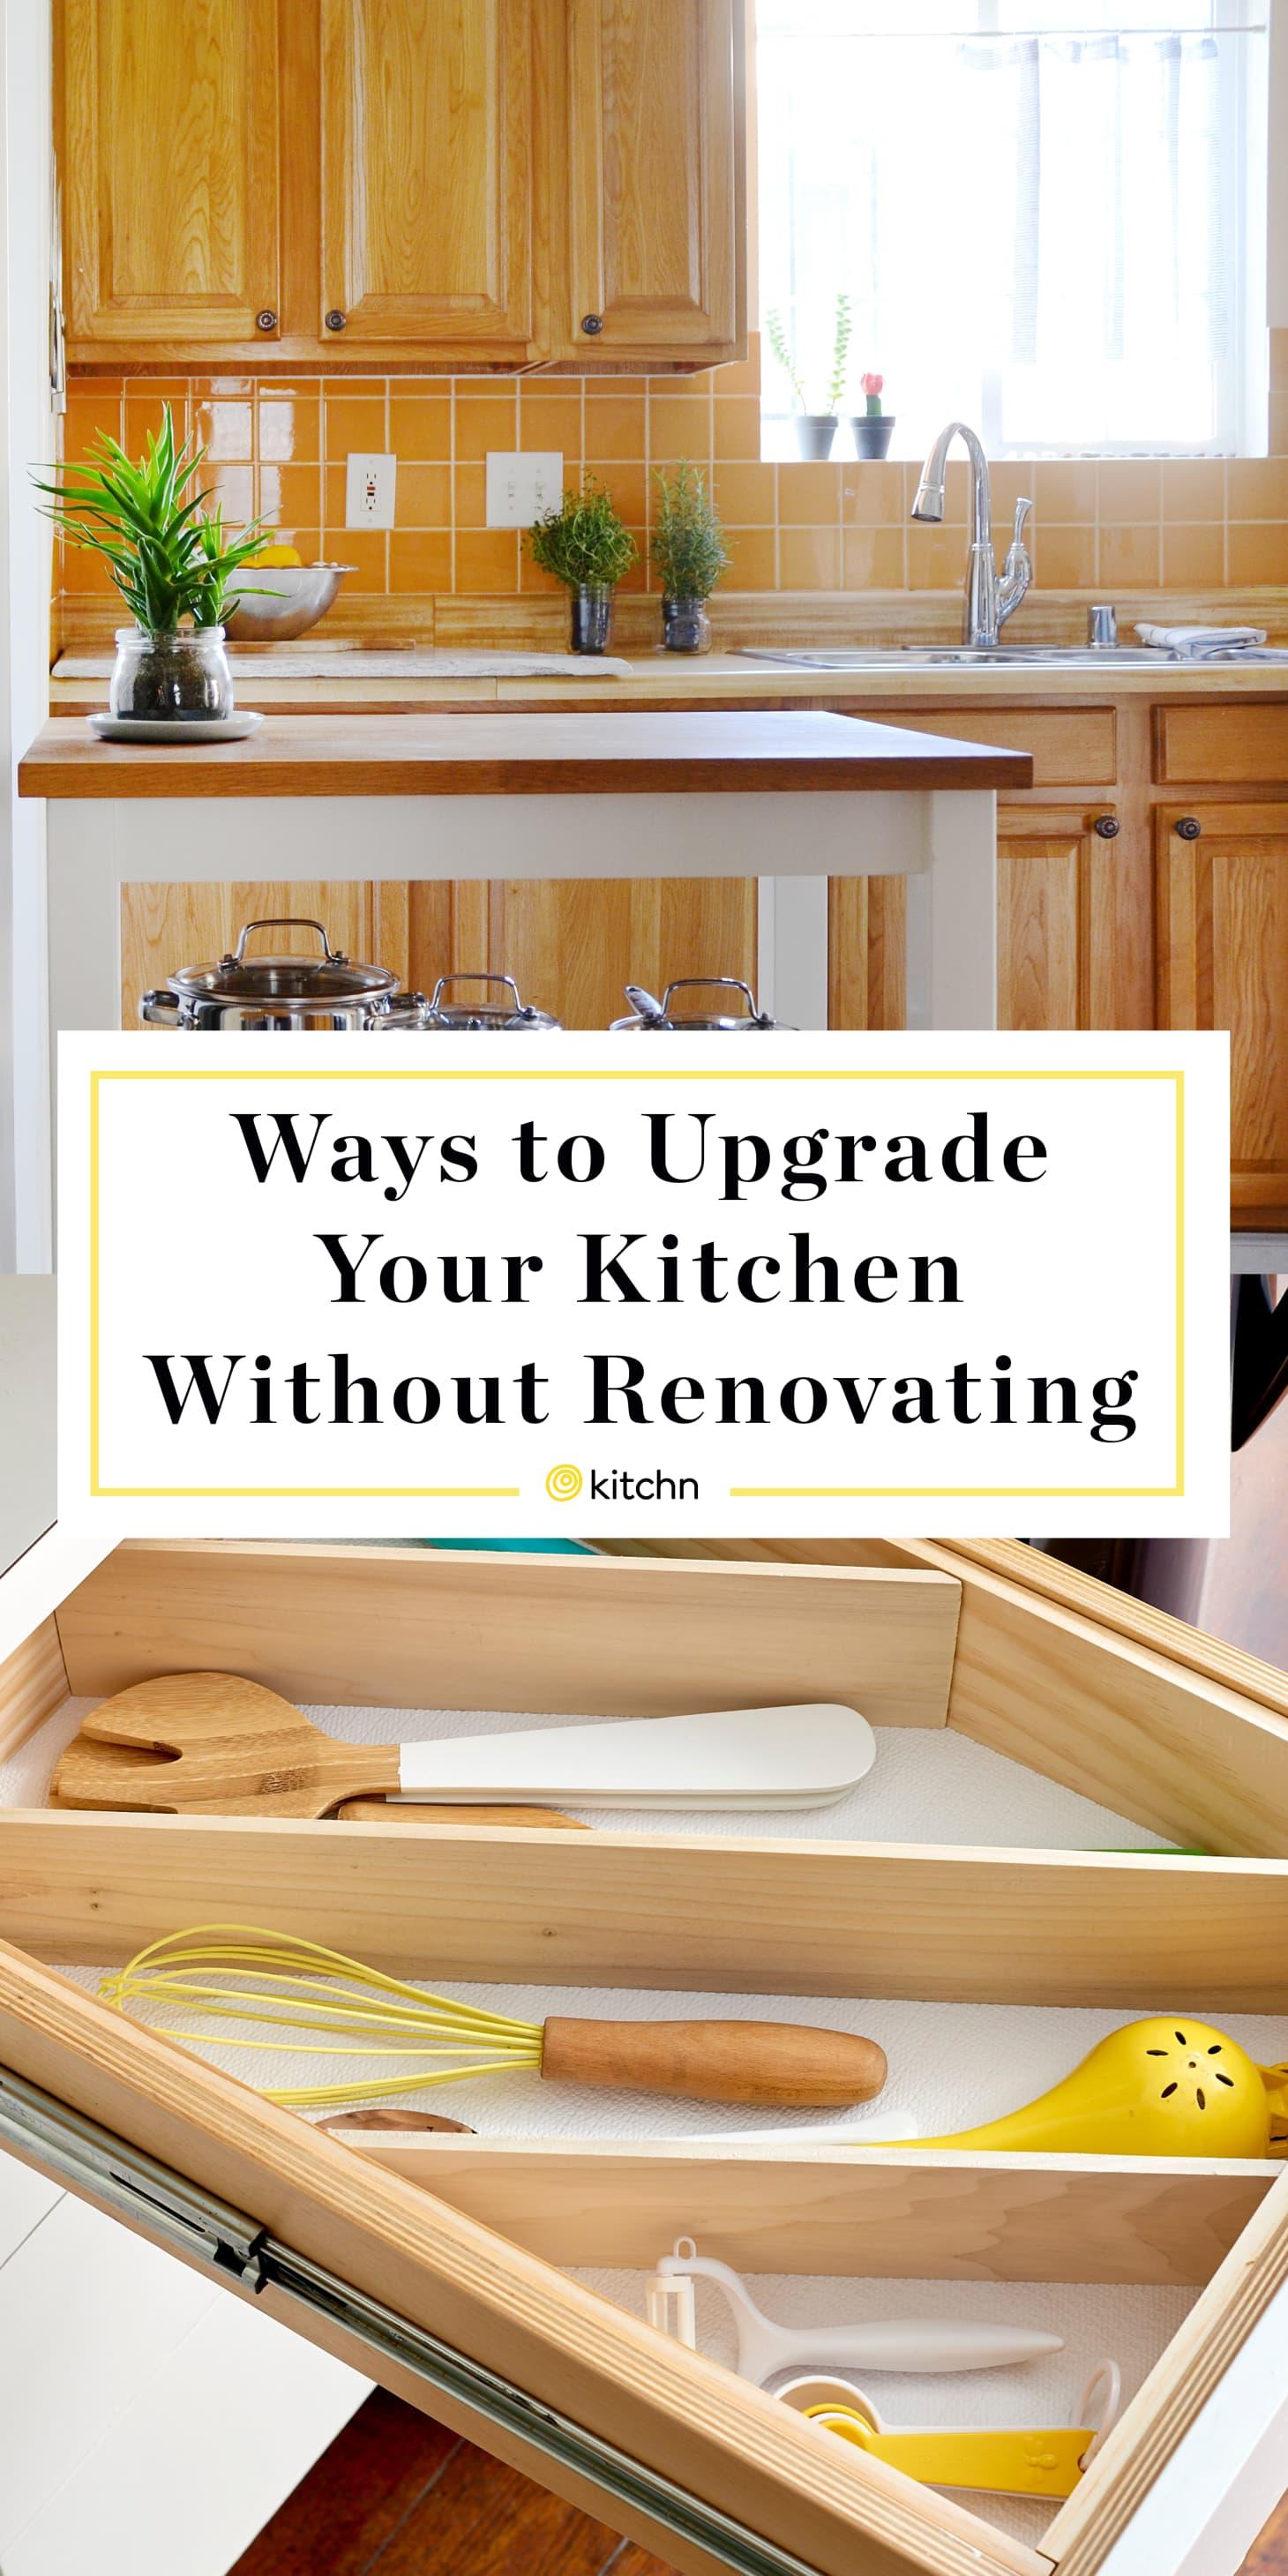 Easy Kitchen Updates - Cheap No Renovating   Kitchn